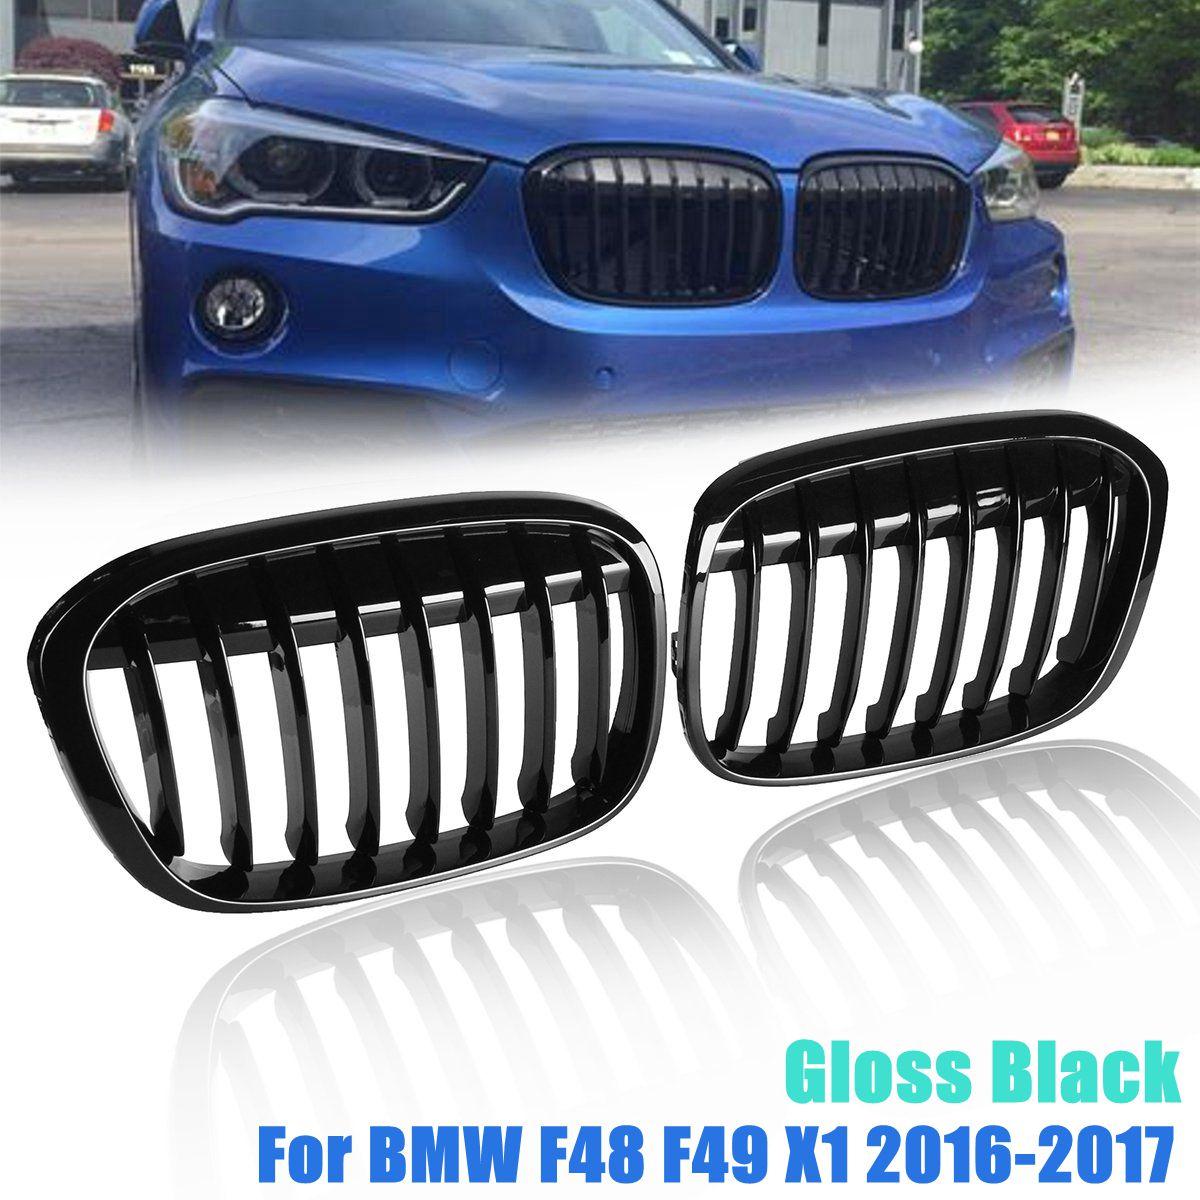 Для BMW F48 F49 X1 2016 2017 пара замена черный глянец передней почек гриль решетки гоночный автомобиль грили